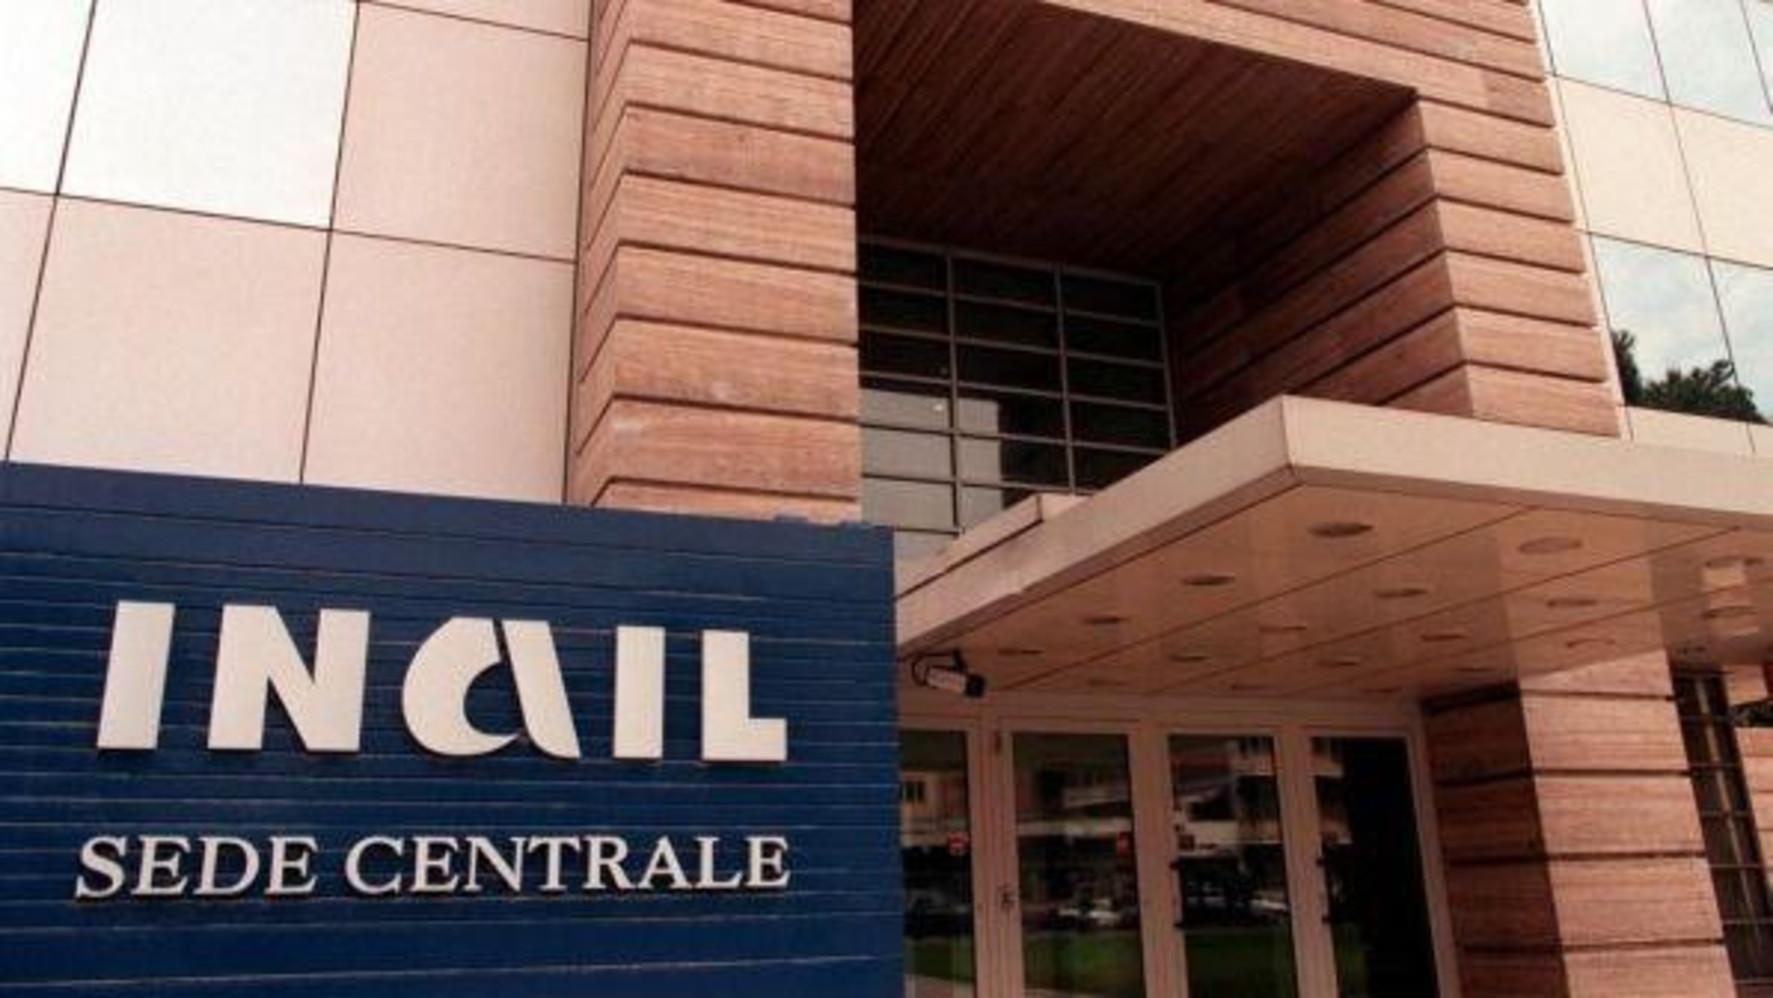 Morti sul lavoro, presidente Inail: bisogna indignarsi